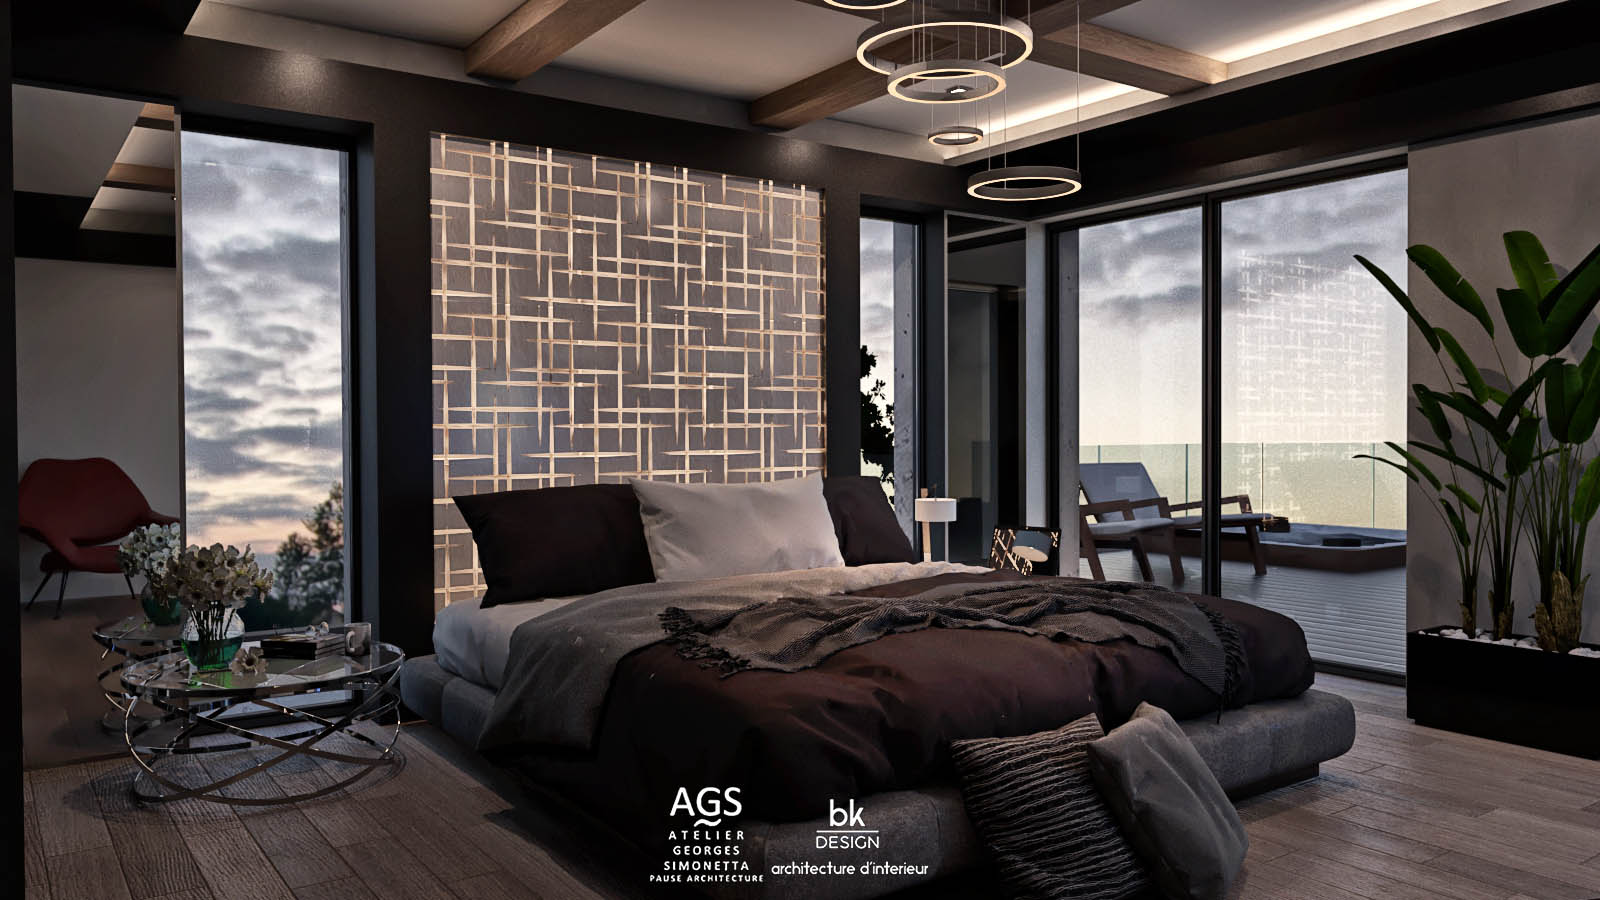 16 bk Design Projet Elange v306 Suite Parentale